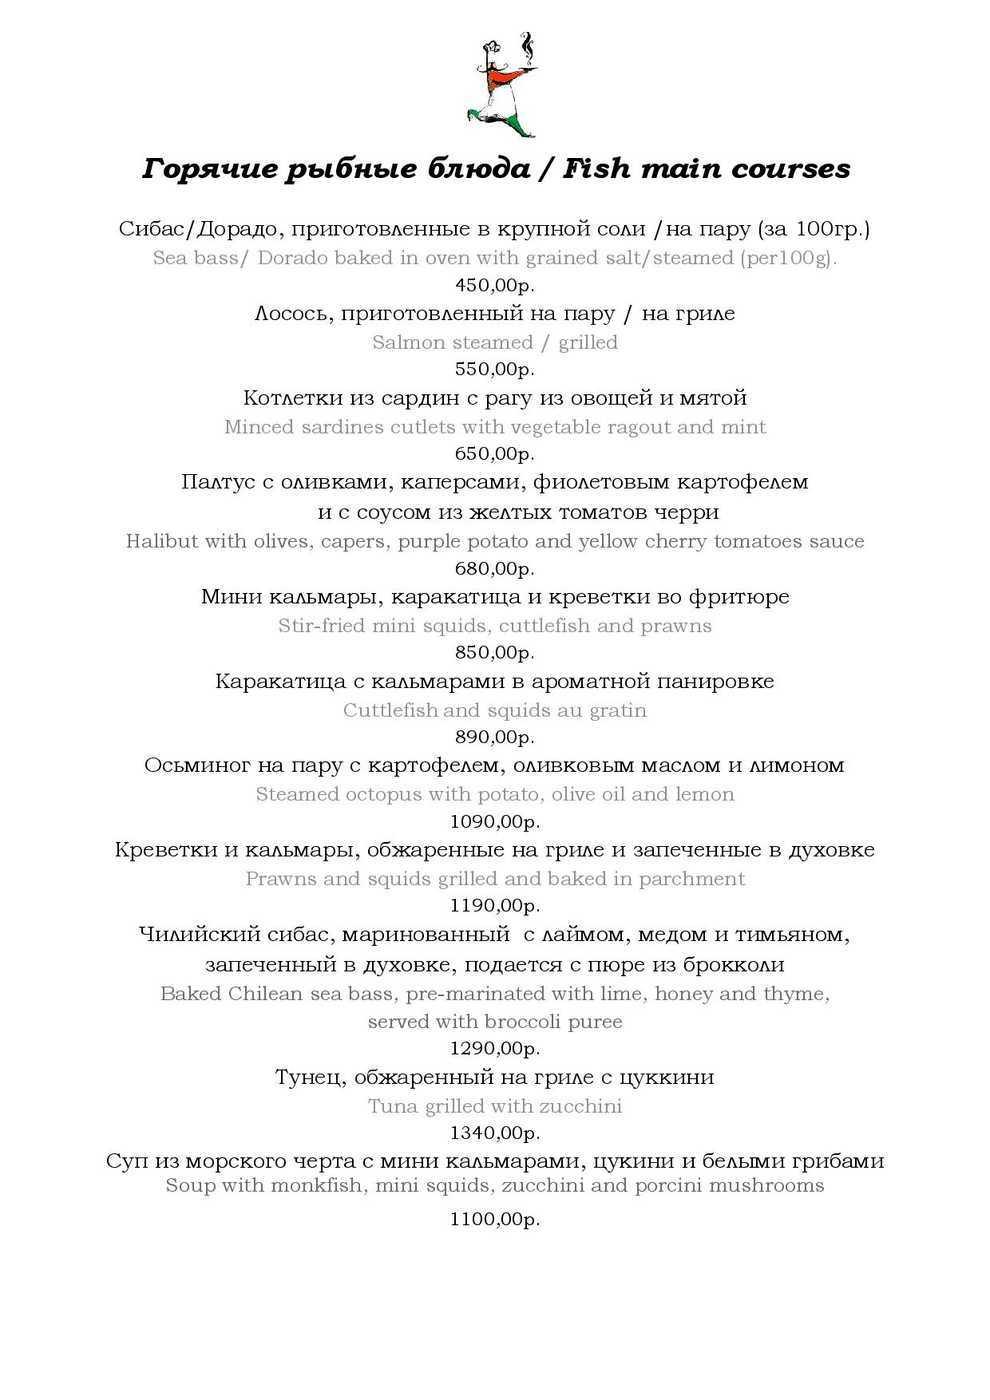 Меню ресторана Франческо (Francesco) на Суворовском проспекте фото 13